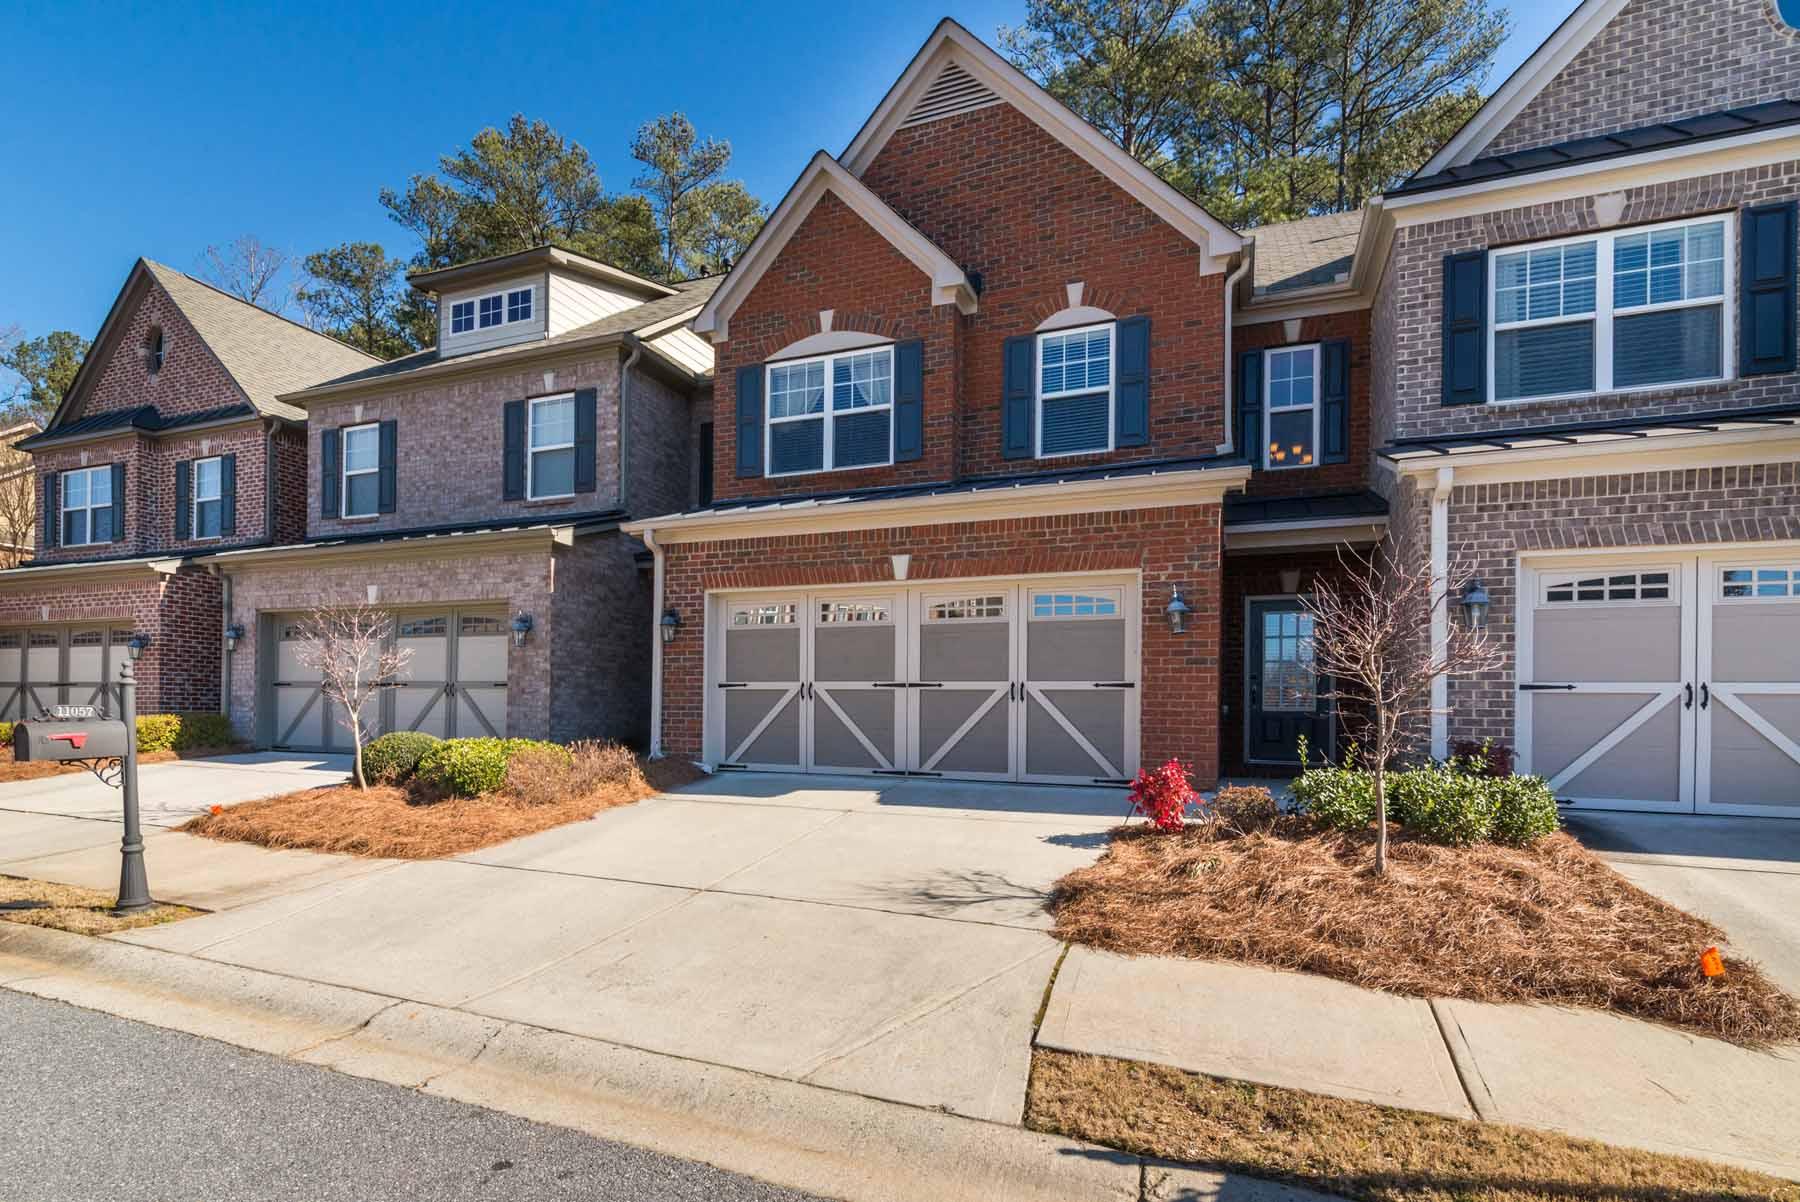 一戸建て のために 売買 アット Exceptionally Maintained Townhome in Top Location 11057 Grey Owl Road Alpharetta, ジョージア 30022 アメリカ合衆国